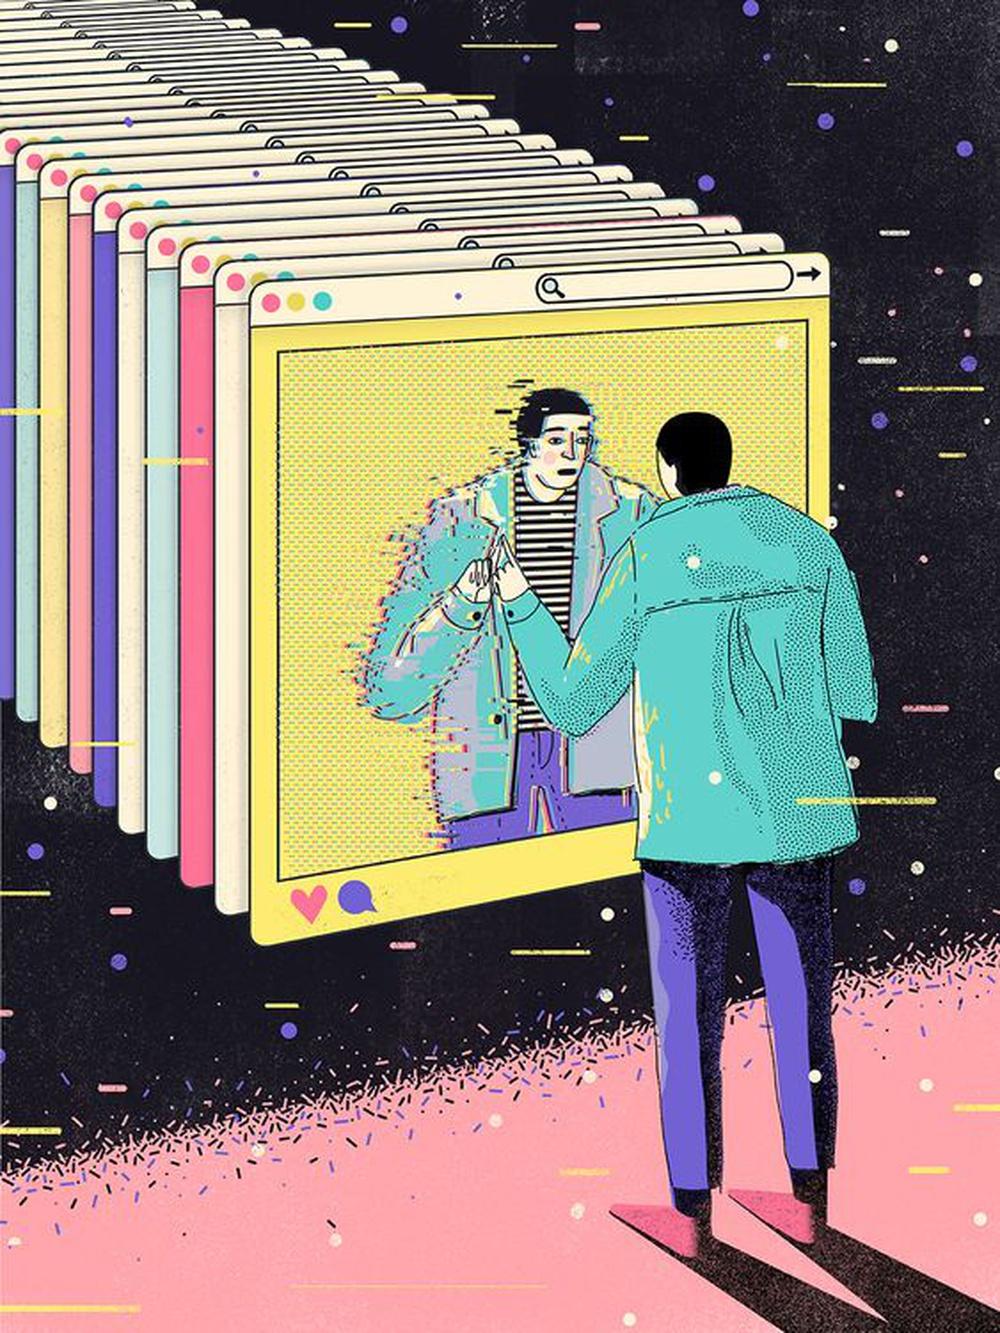 [Paradoxe de la vie privée] Bien que les gens disent se soucier beaucoup de leur vie privée, ils se comportent comme s'ils ne le faisaient pas